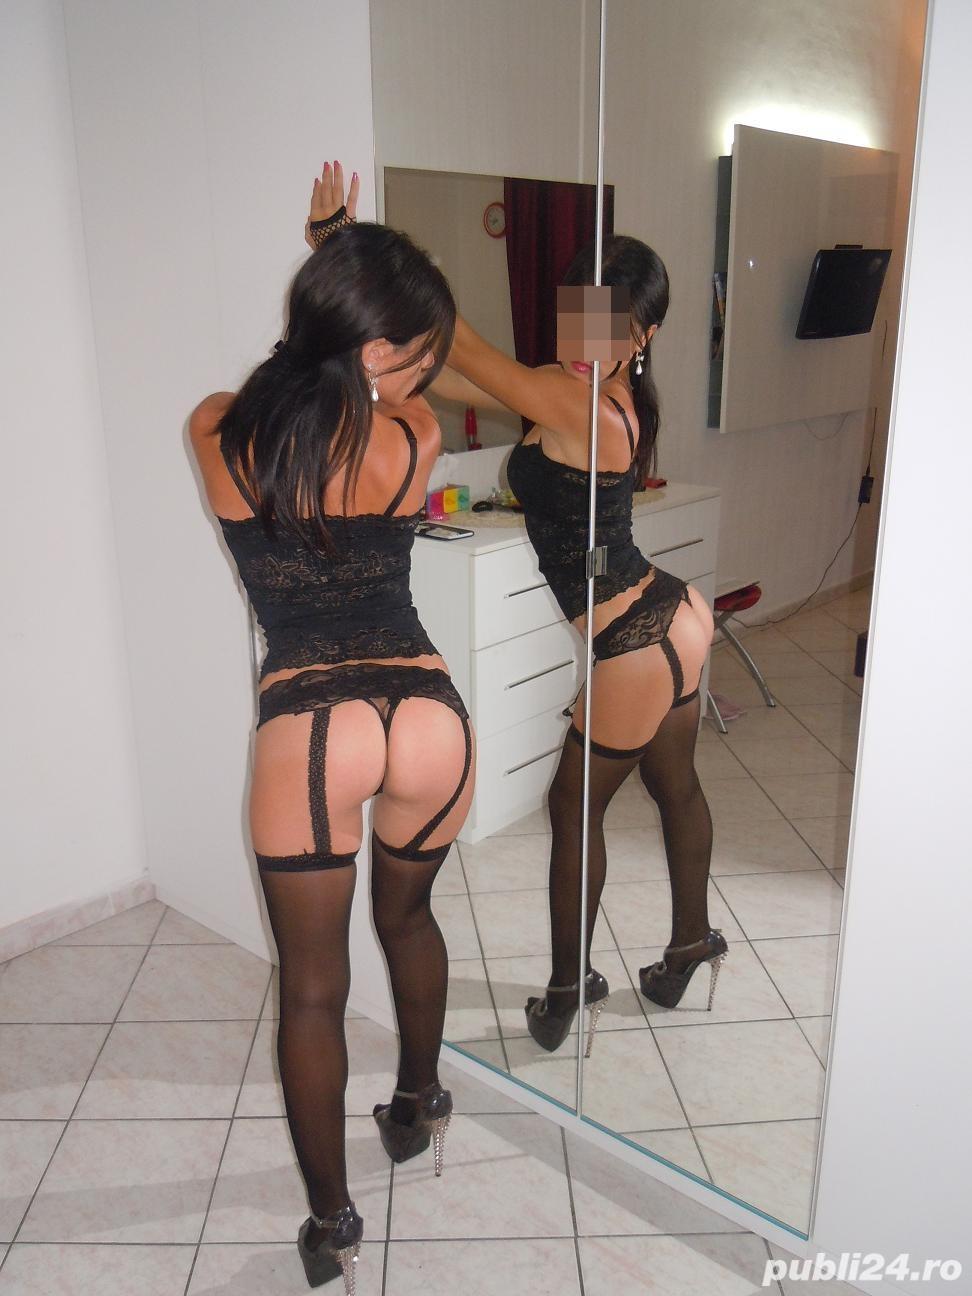 Проститутки дарница молодец!